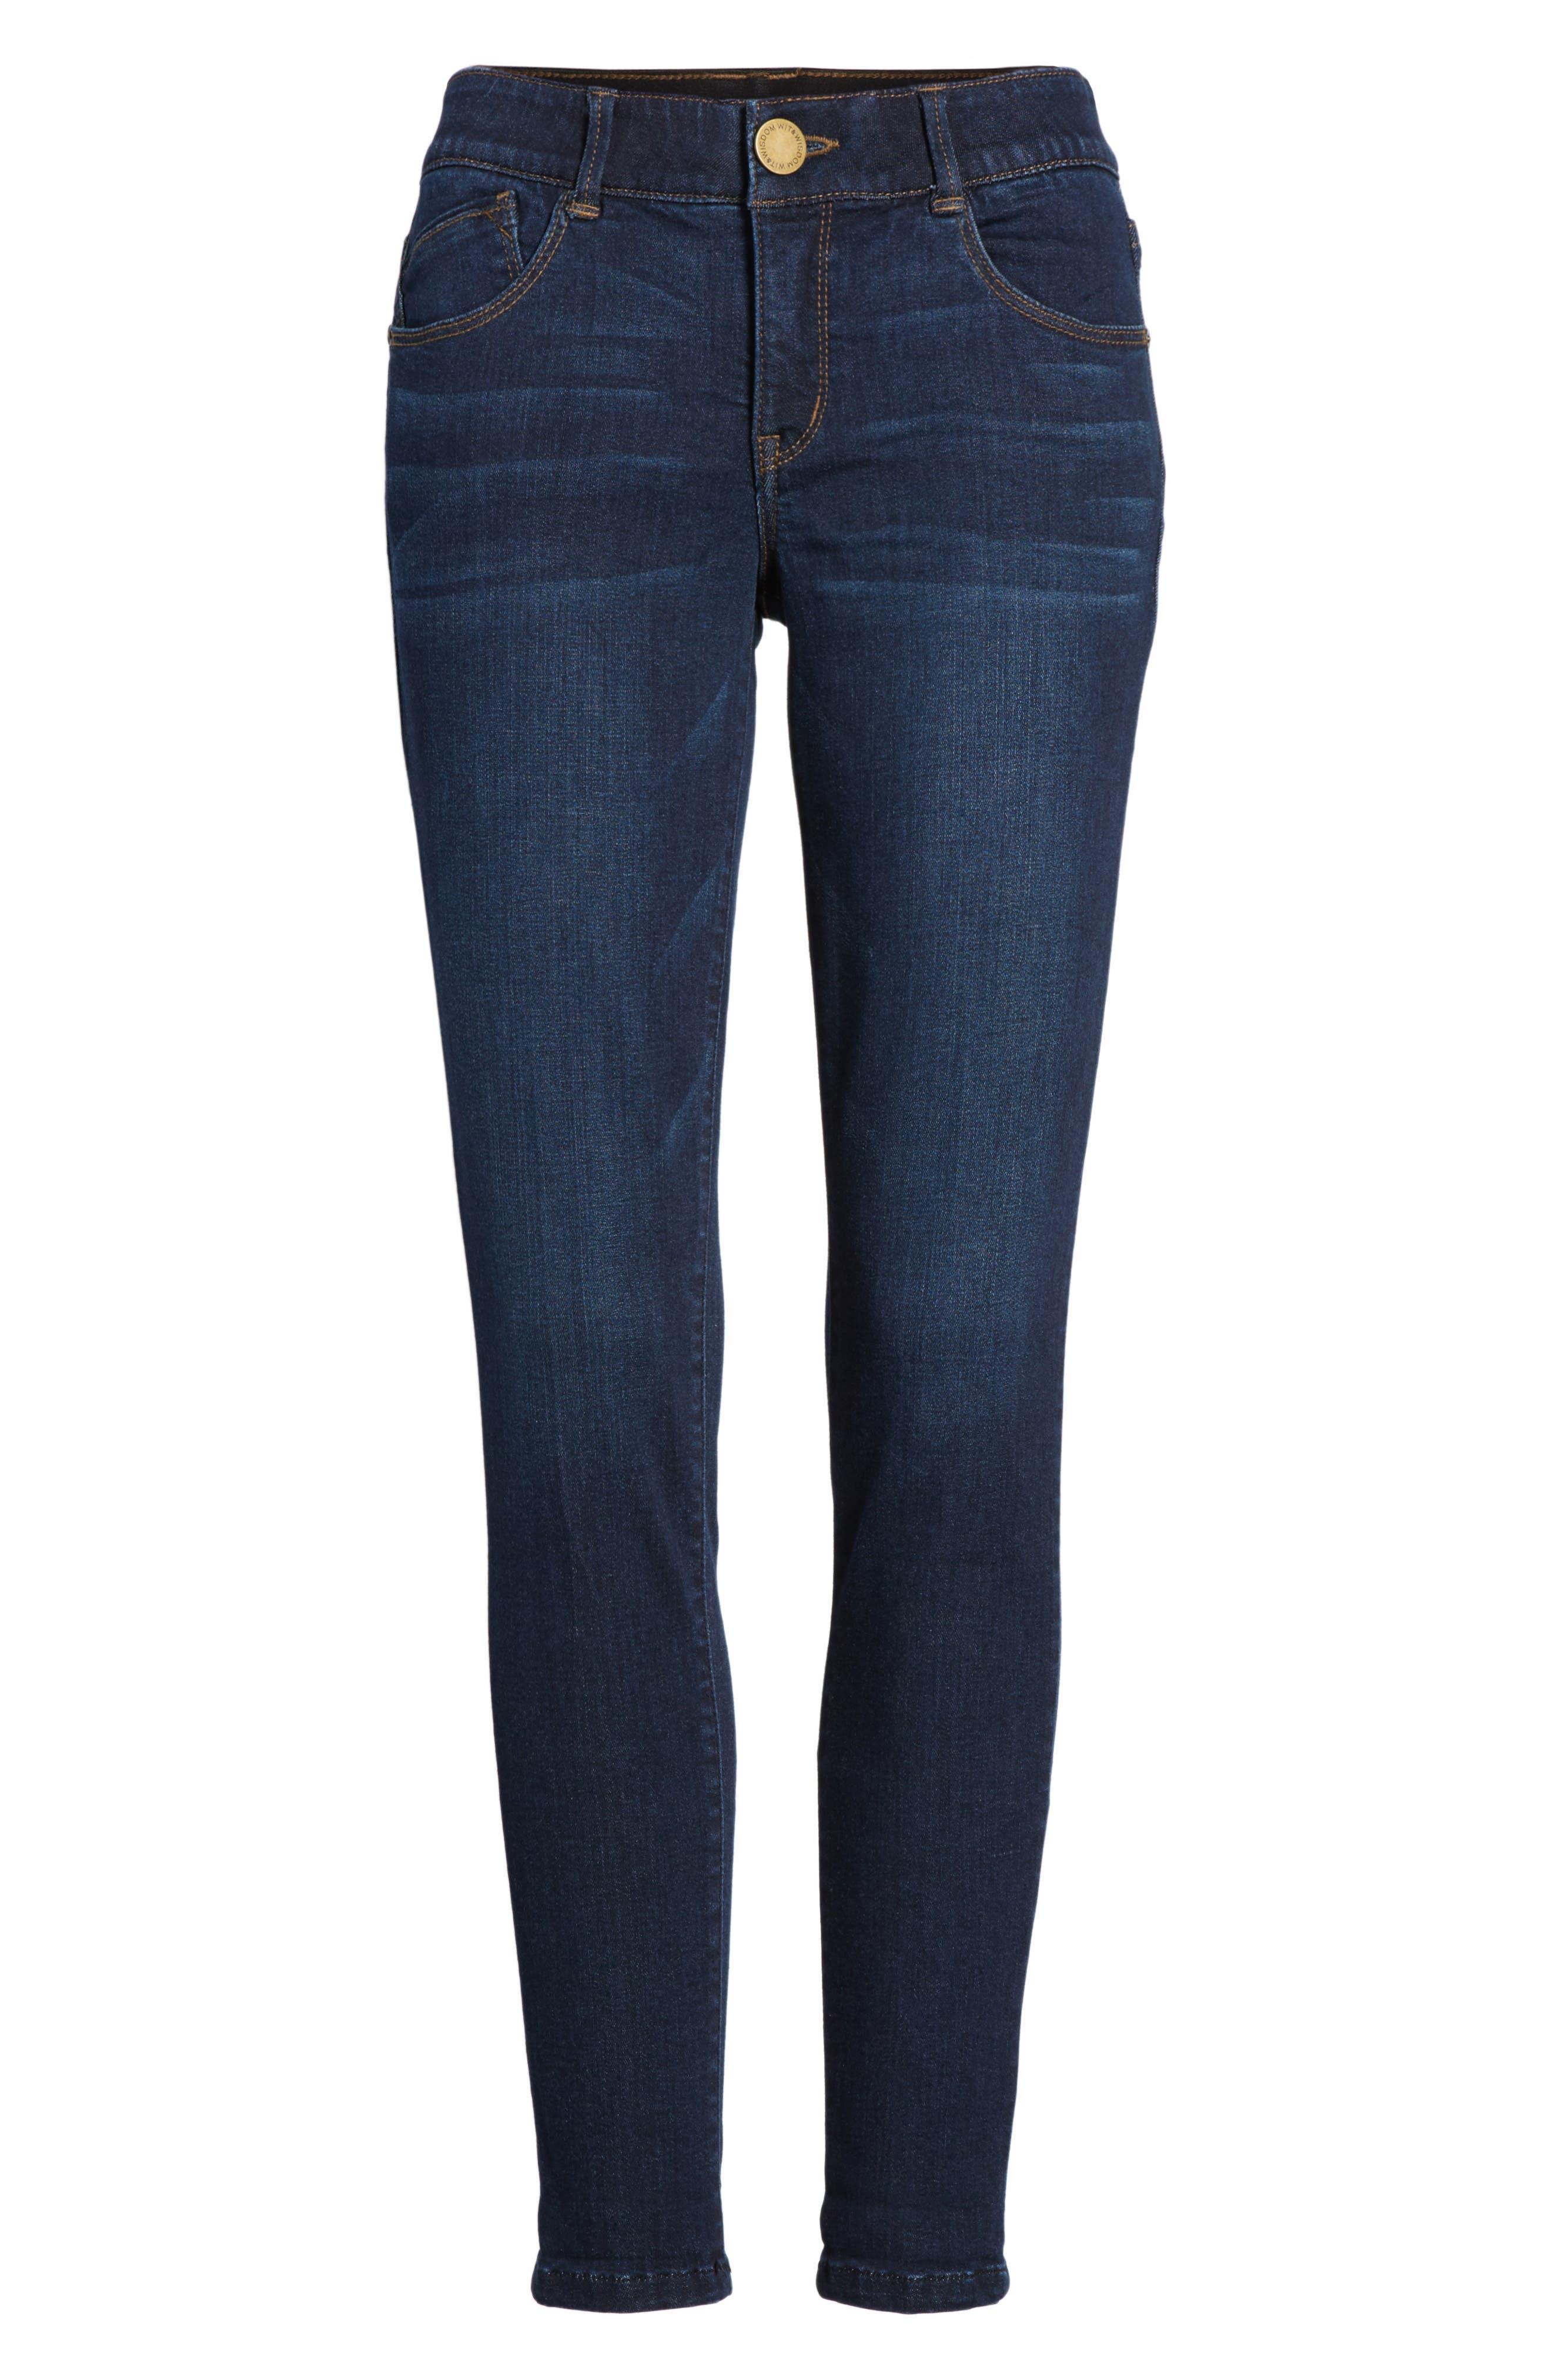 Ab-solution Boyfriend Ankle Jeans,                             Alternate thumbnail 12, color,